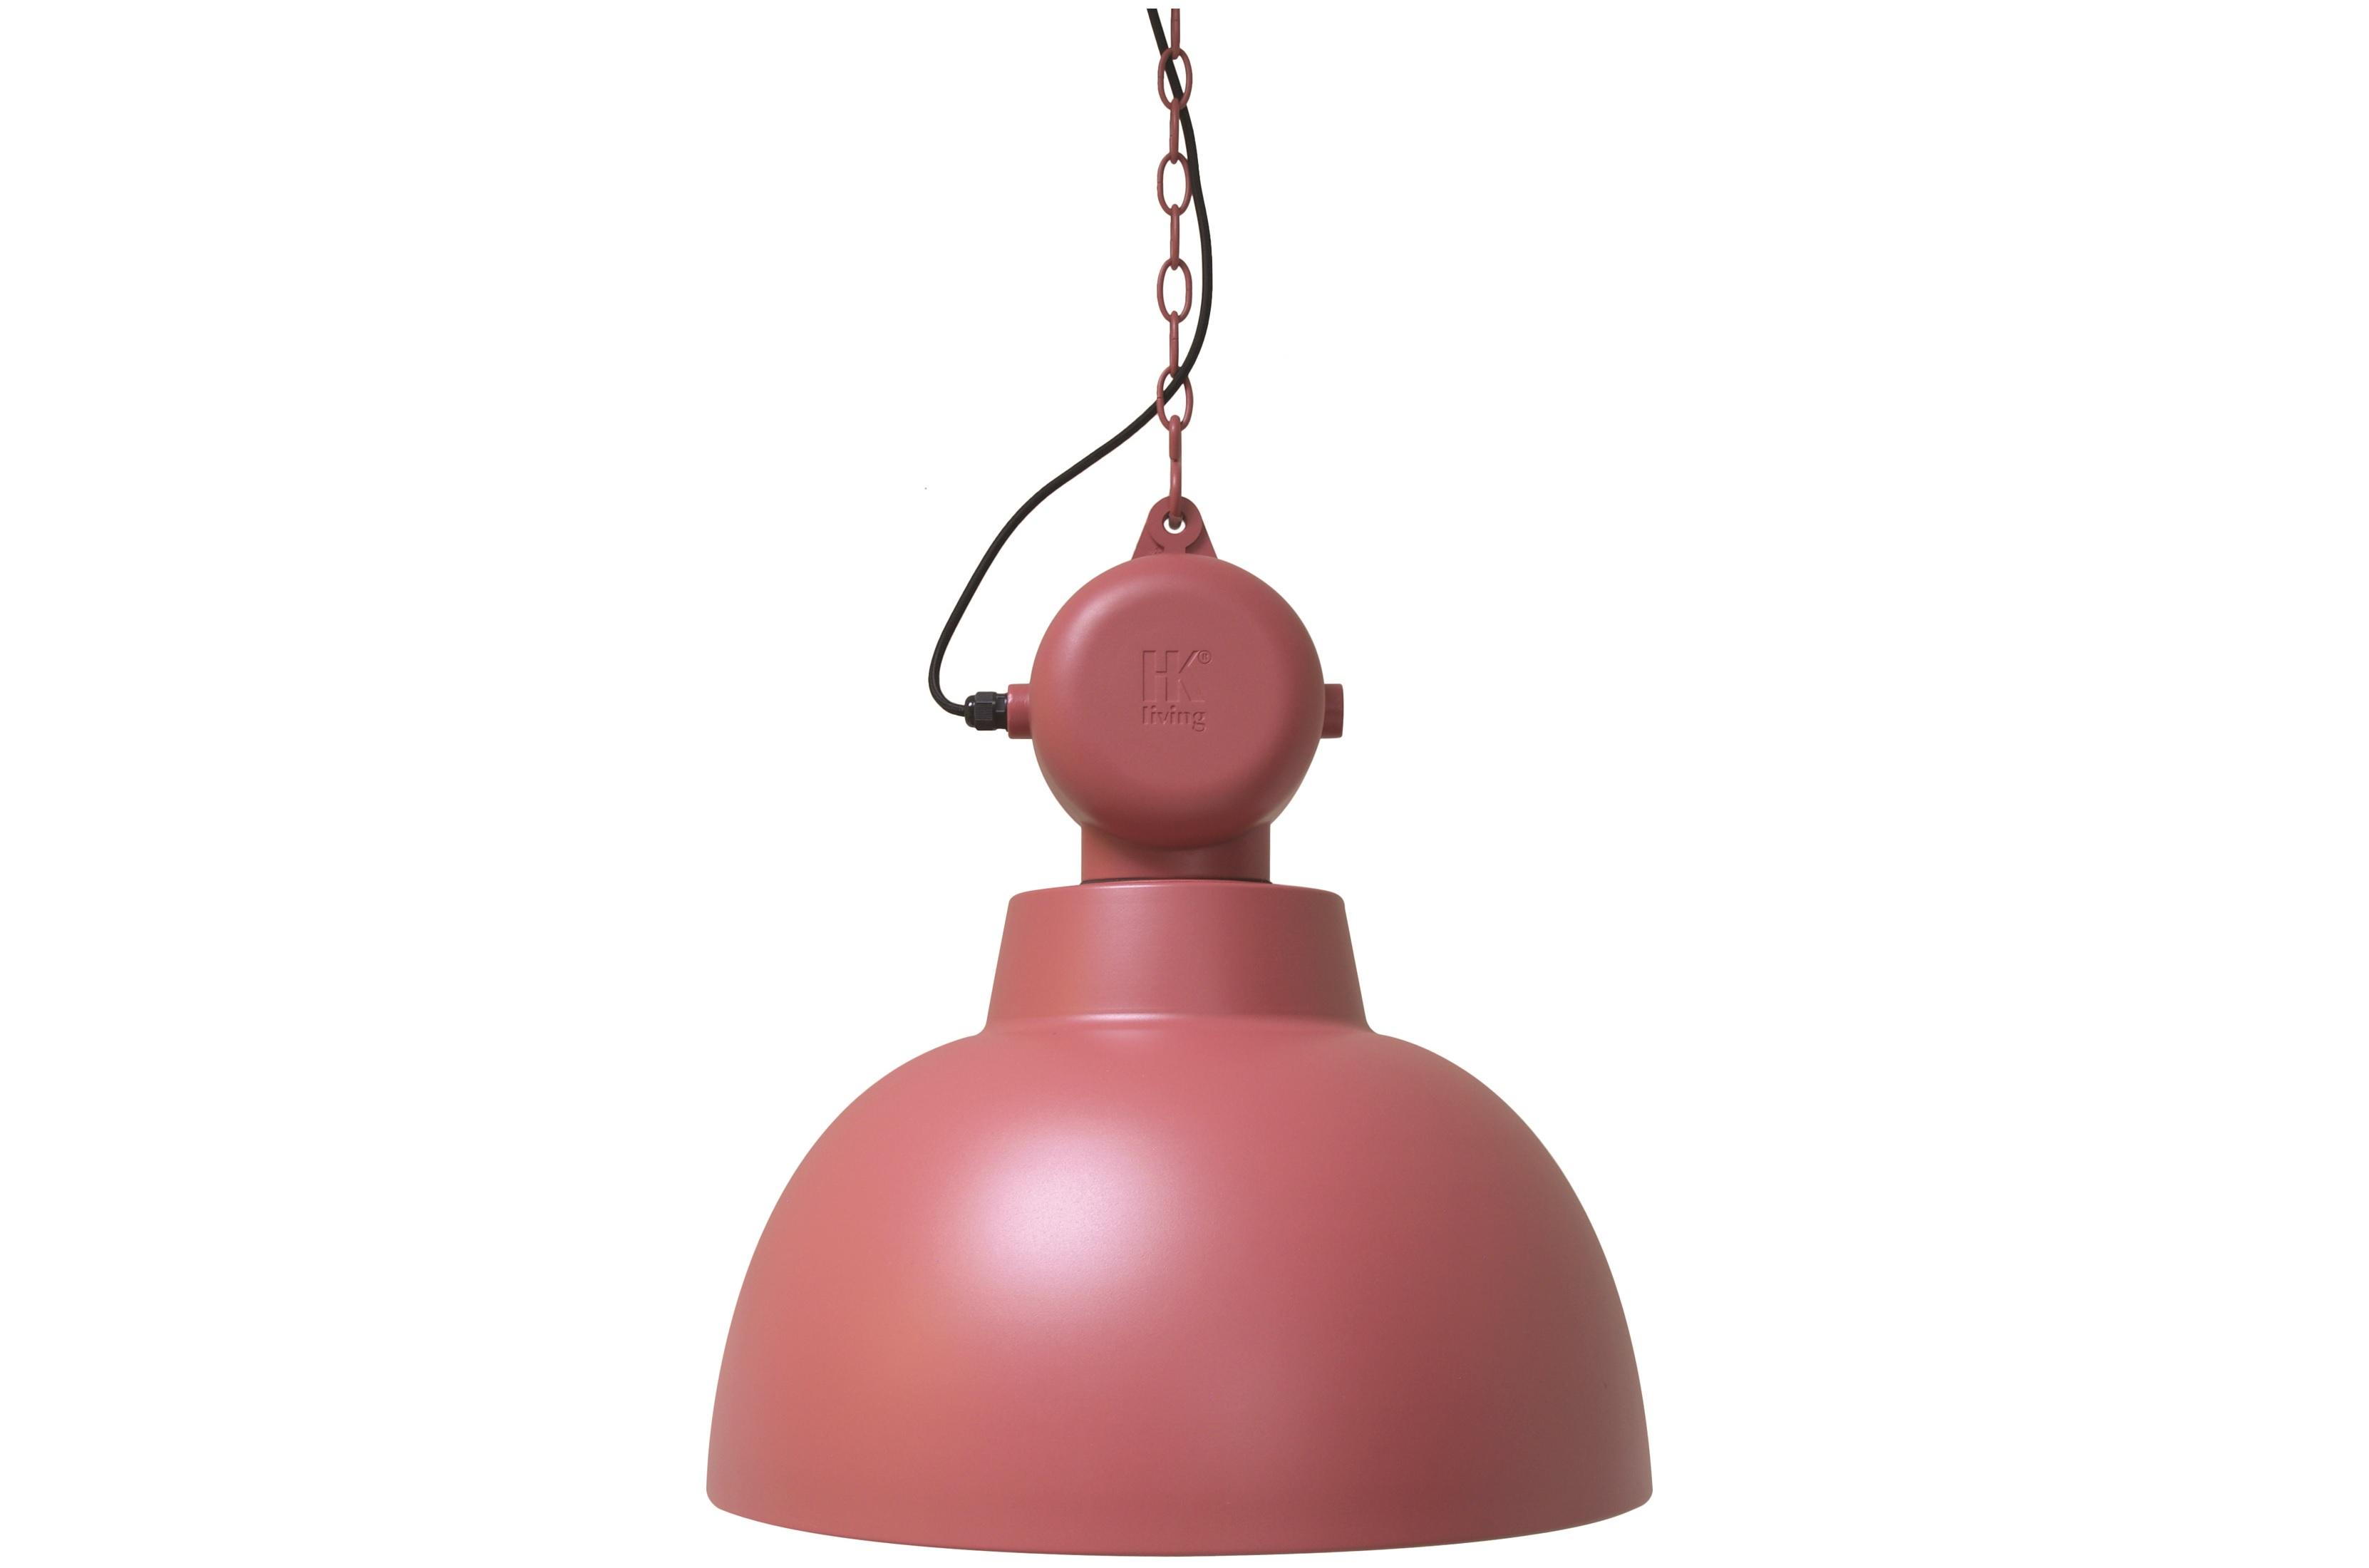 Лампа FACTORYПодвесные светильники<br>Индустриальный светильник в ярком исполнении. Модный цвет Марсала. Черный шнур + металлическая цепь длиной 2 м.&amp;lt;div&amp;gt;&amp;lt;br&amp;gt;&amp;lt;/div&amp;gt;&amp;lt;div&amp;gt;&amp;lt;div style=&amp;quot;line-height: 24.9999px;&amp;quot;&amp;gt;Вид цоколя: Е27&amp;lt;/div&amp;gt;&amp;lt;div style=&amp;quot;line-height: 24.9999px;&amp;quot;&amp;gt;Мощность: 60W&amp;lt;/div&amp;gt;&amp;lt;div style=&amp;quot;line-height: 24.9999px;&amp;quot;&amp;gt;Количество ламп: 1&amp;lt;/div&amp;gt;&amp;lt;/div&amp;gt;<br><br>Material: Металл<br>Height см: 55<br>Diameter см: 50